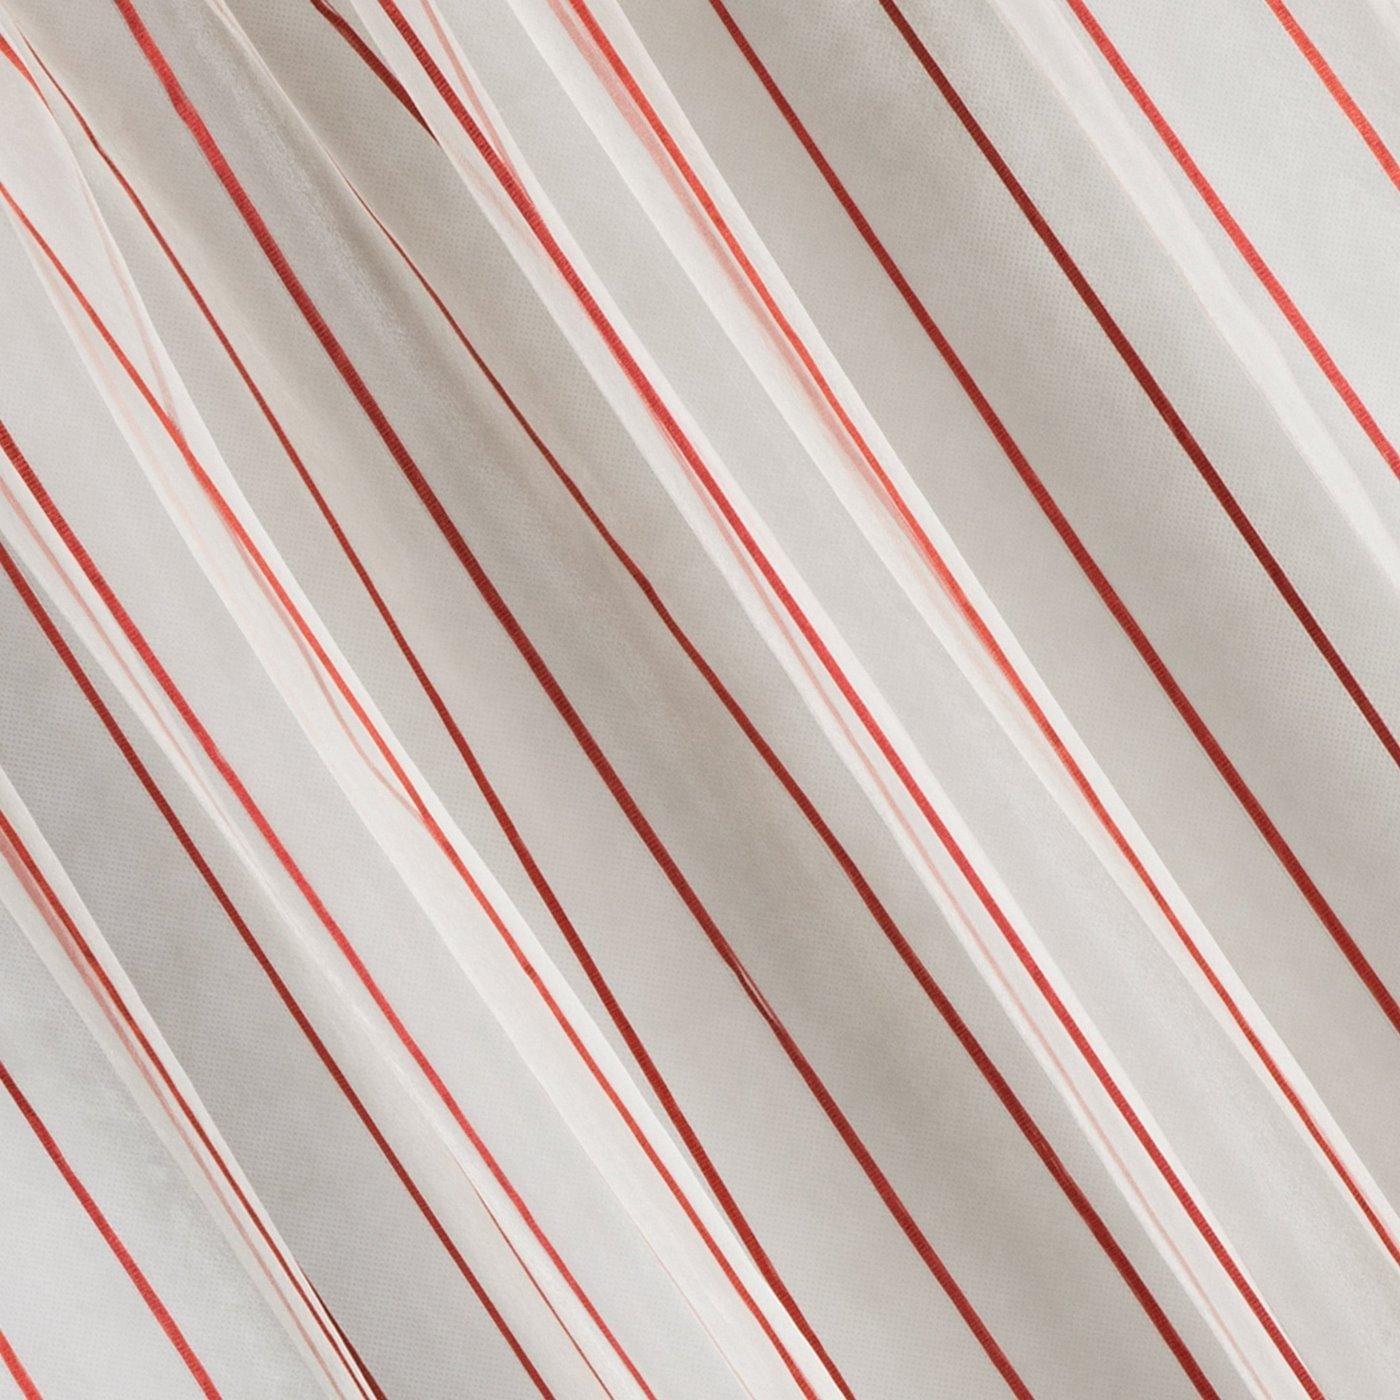 Oryginalna kremowa zasłona w czerwone prążki na taśmie 140x250 cm